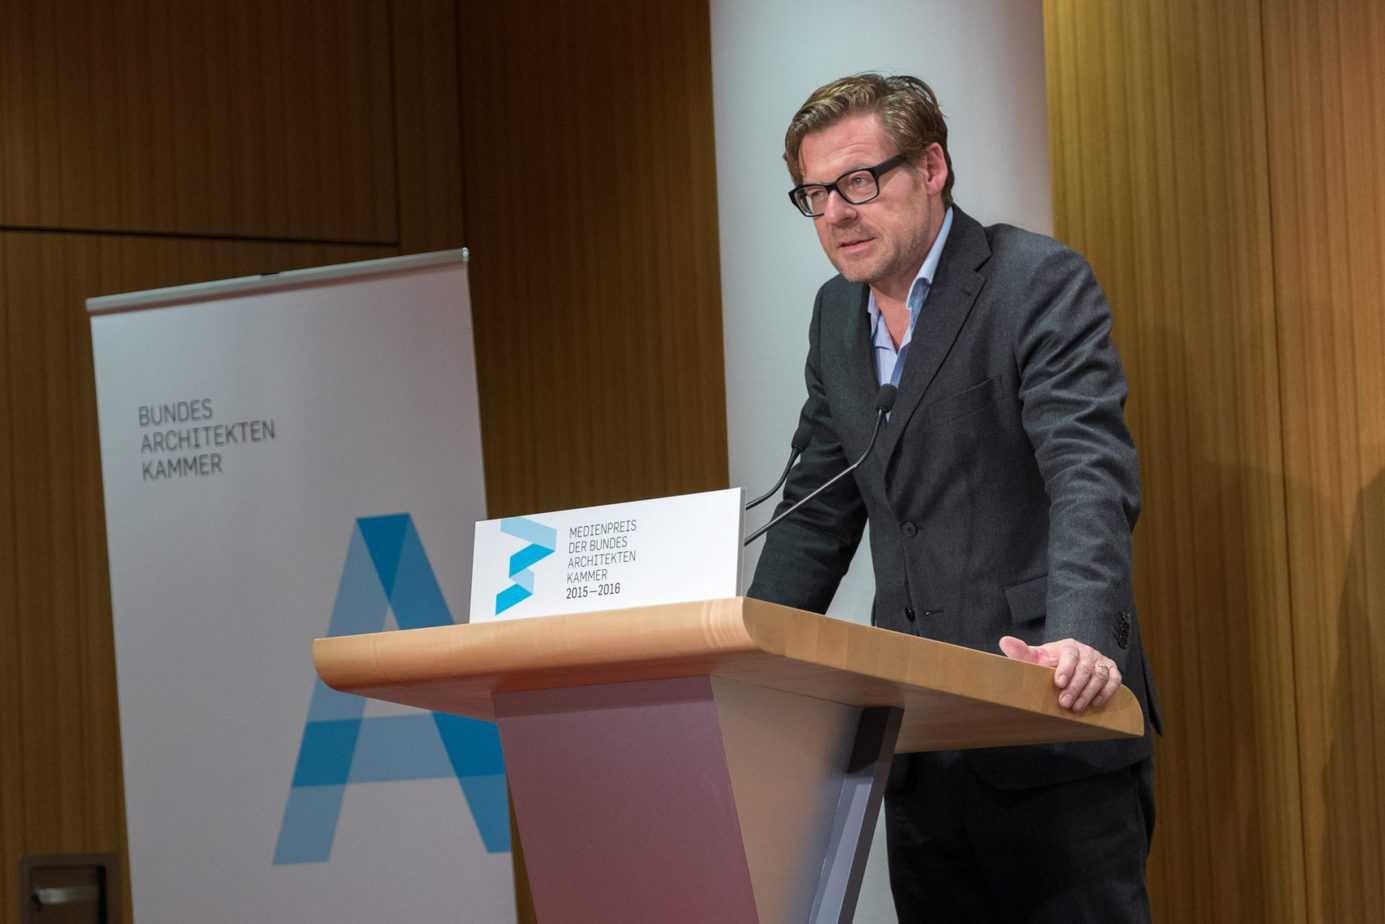 Laudator Riklef Rambow, Professor für Architekturkommunikation und Vorsitzender der Jury.